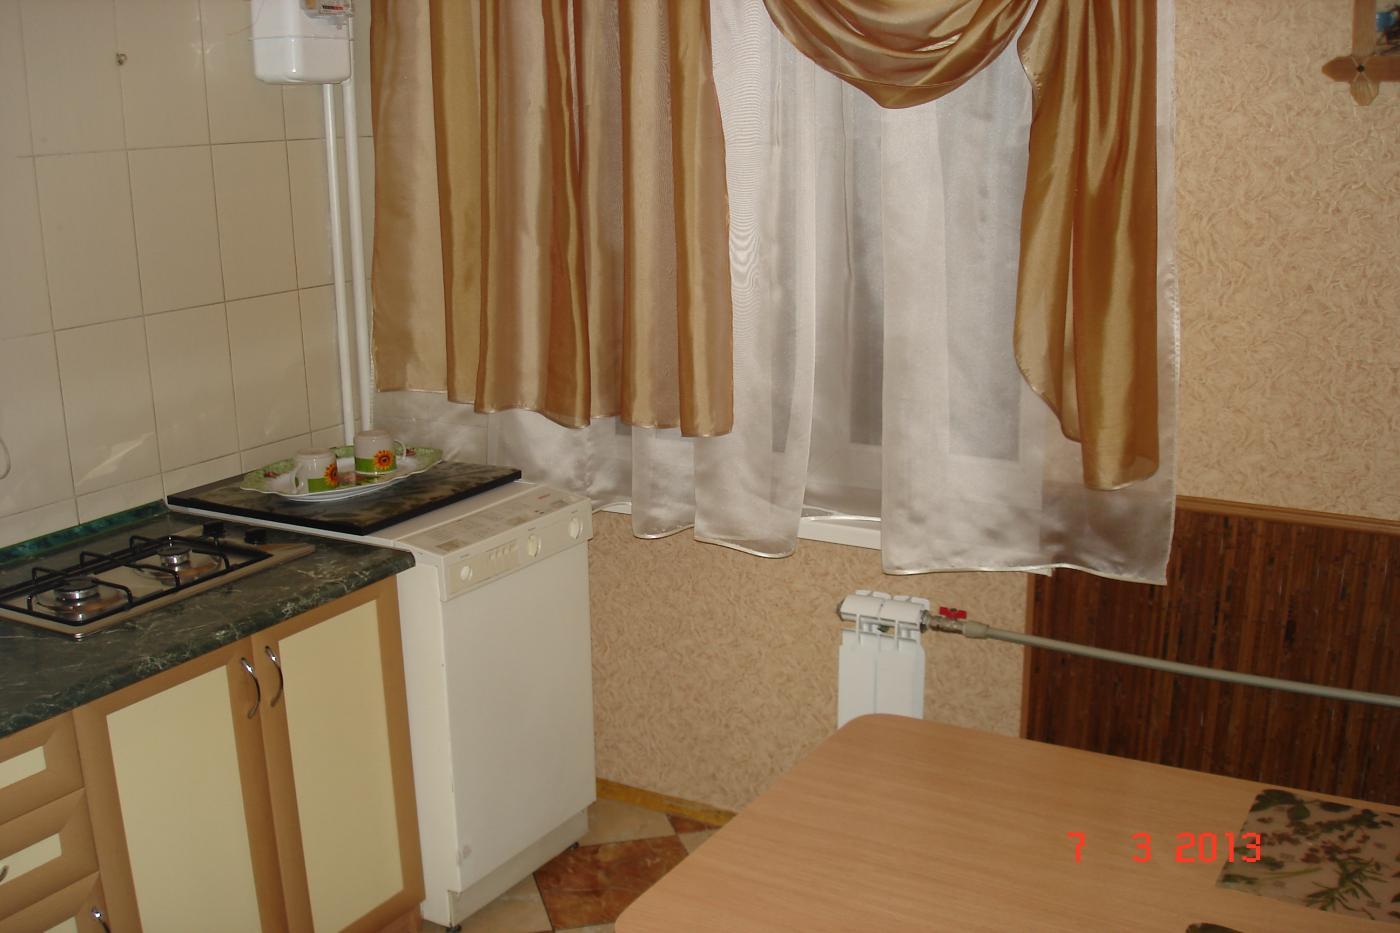 2-комнатная квартира посуточно (вариант № 1714), ул. Гоголя улица, фото № 2